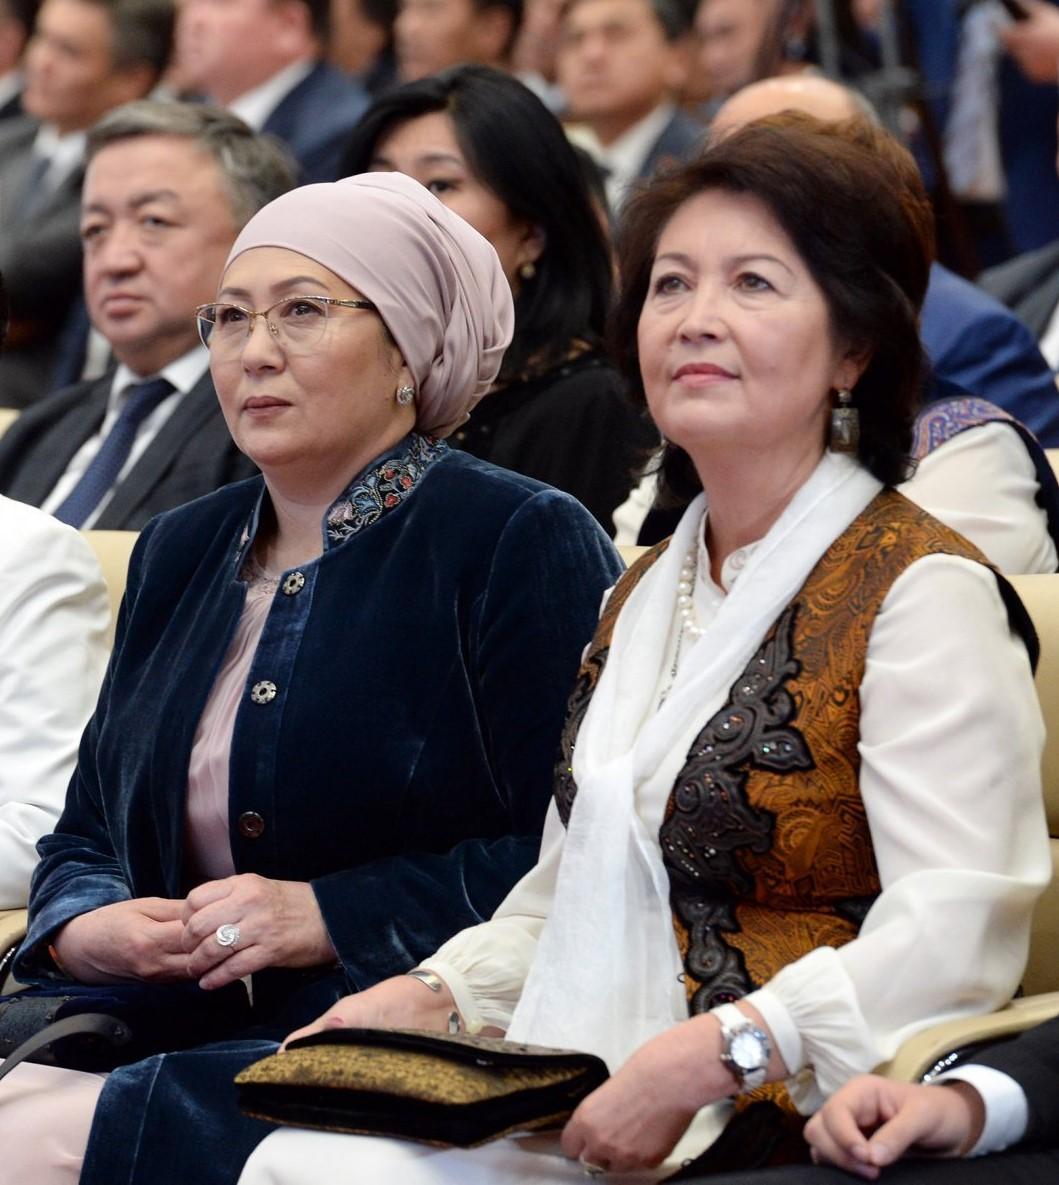 Вне политики. Супруга Сооронбая Жээнбекова была на юбилее Раисы Атамбаевой в июне 2018 года, и это невзирая на то, что кольцо изоляции вокруг АША уже начало сжиматься…